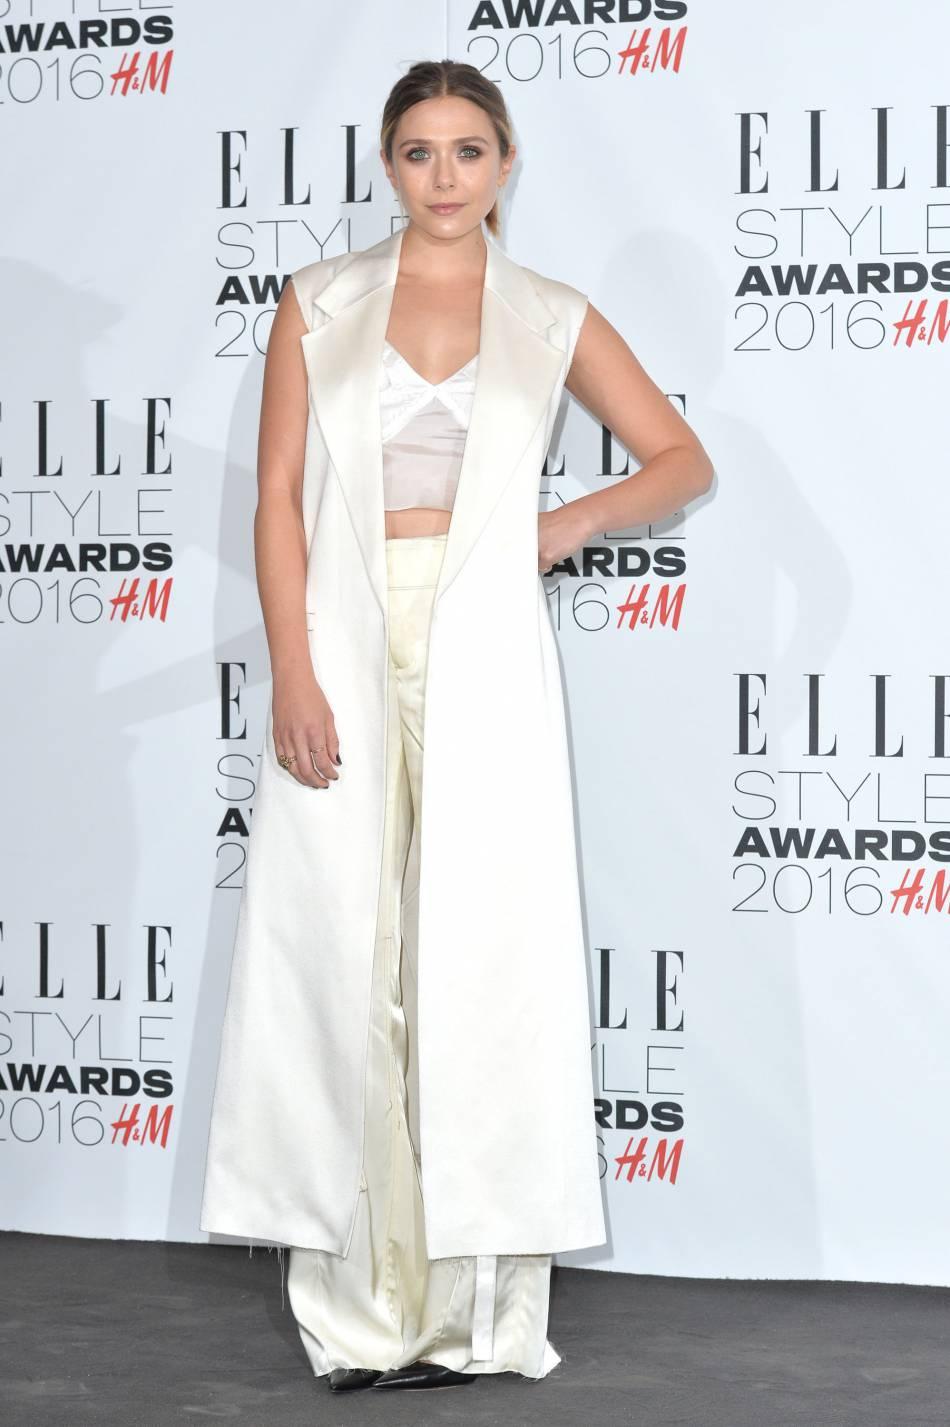 Cet ensemble Calvin Klein satiné démontre à quel point Elizabeth est sûre d'elle sur le red carpet.